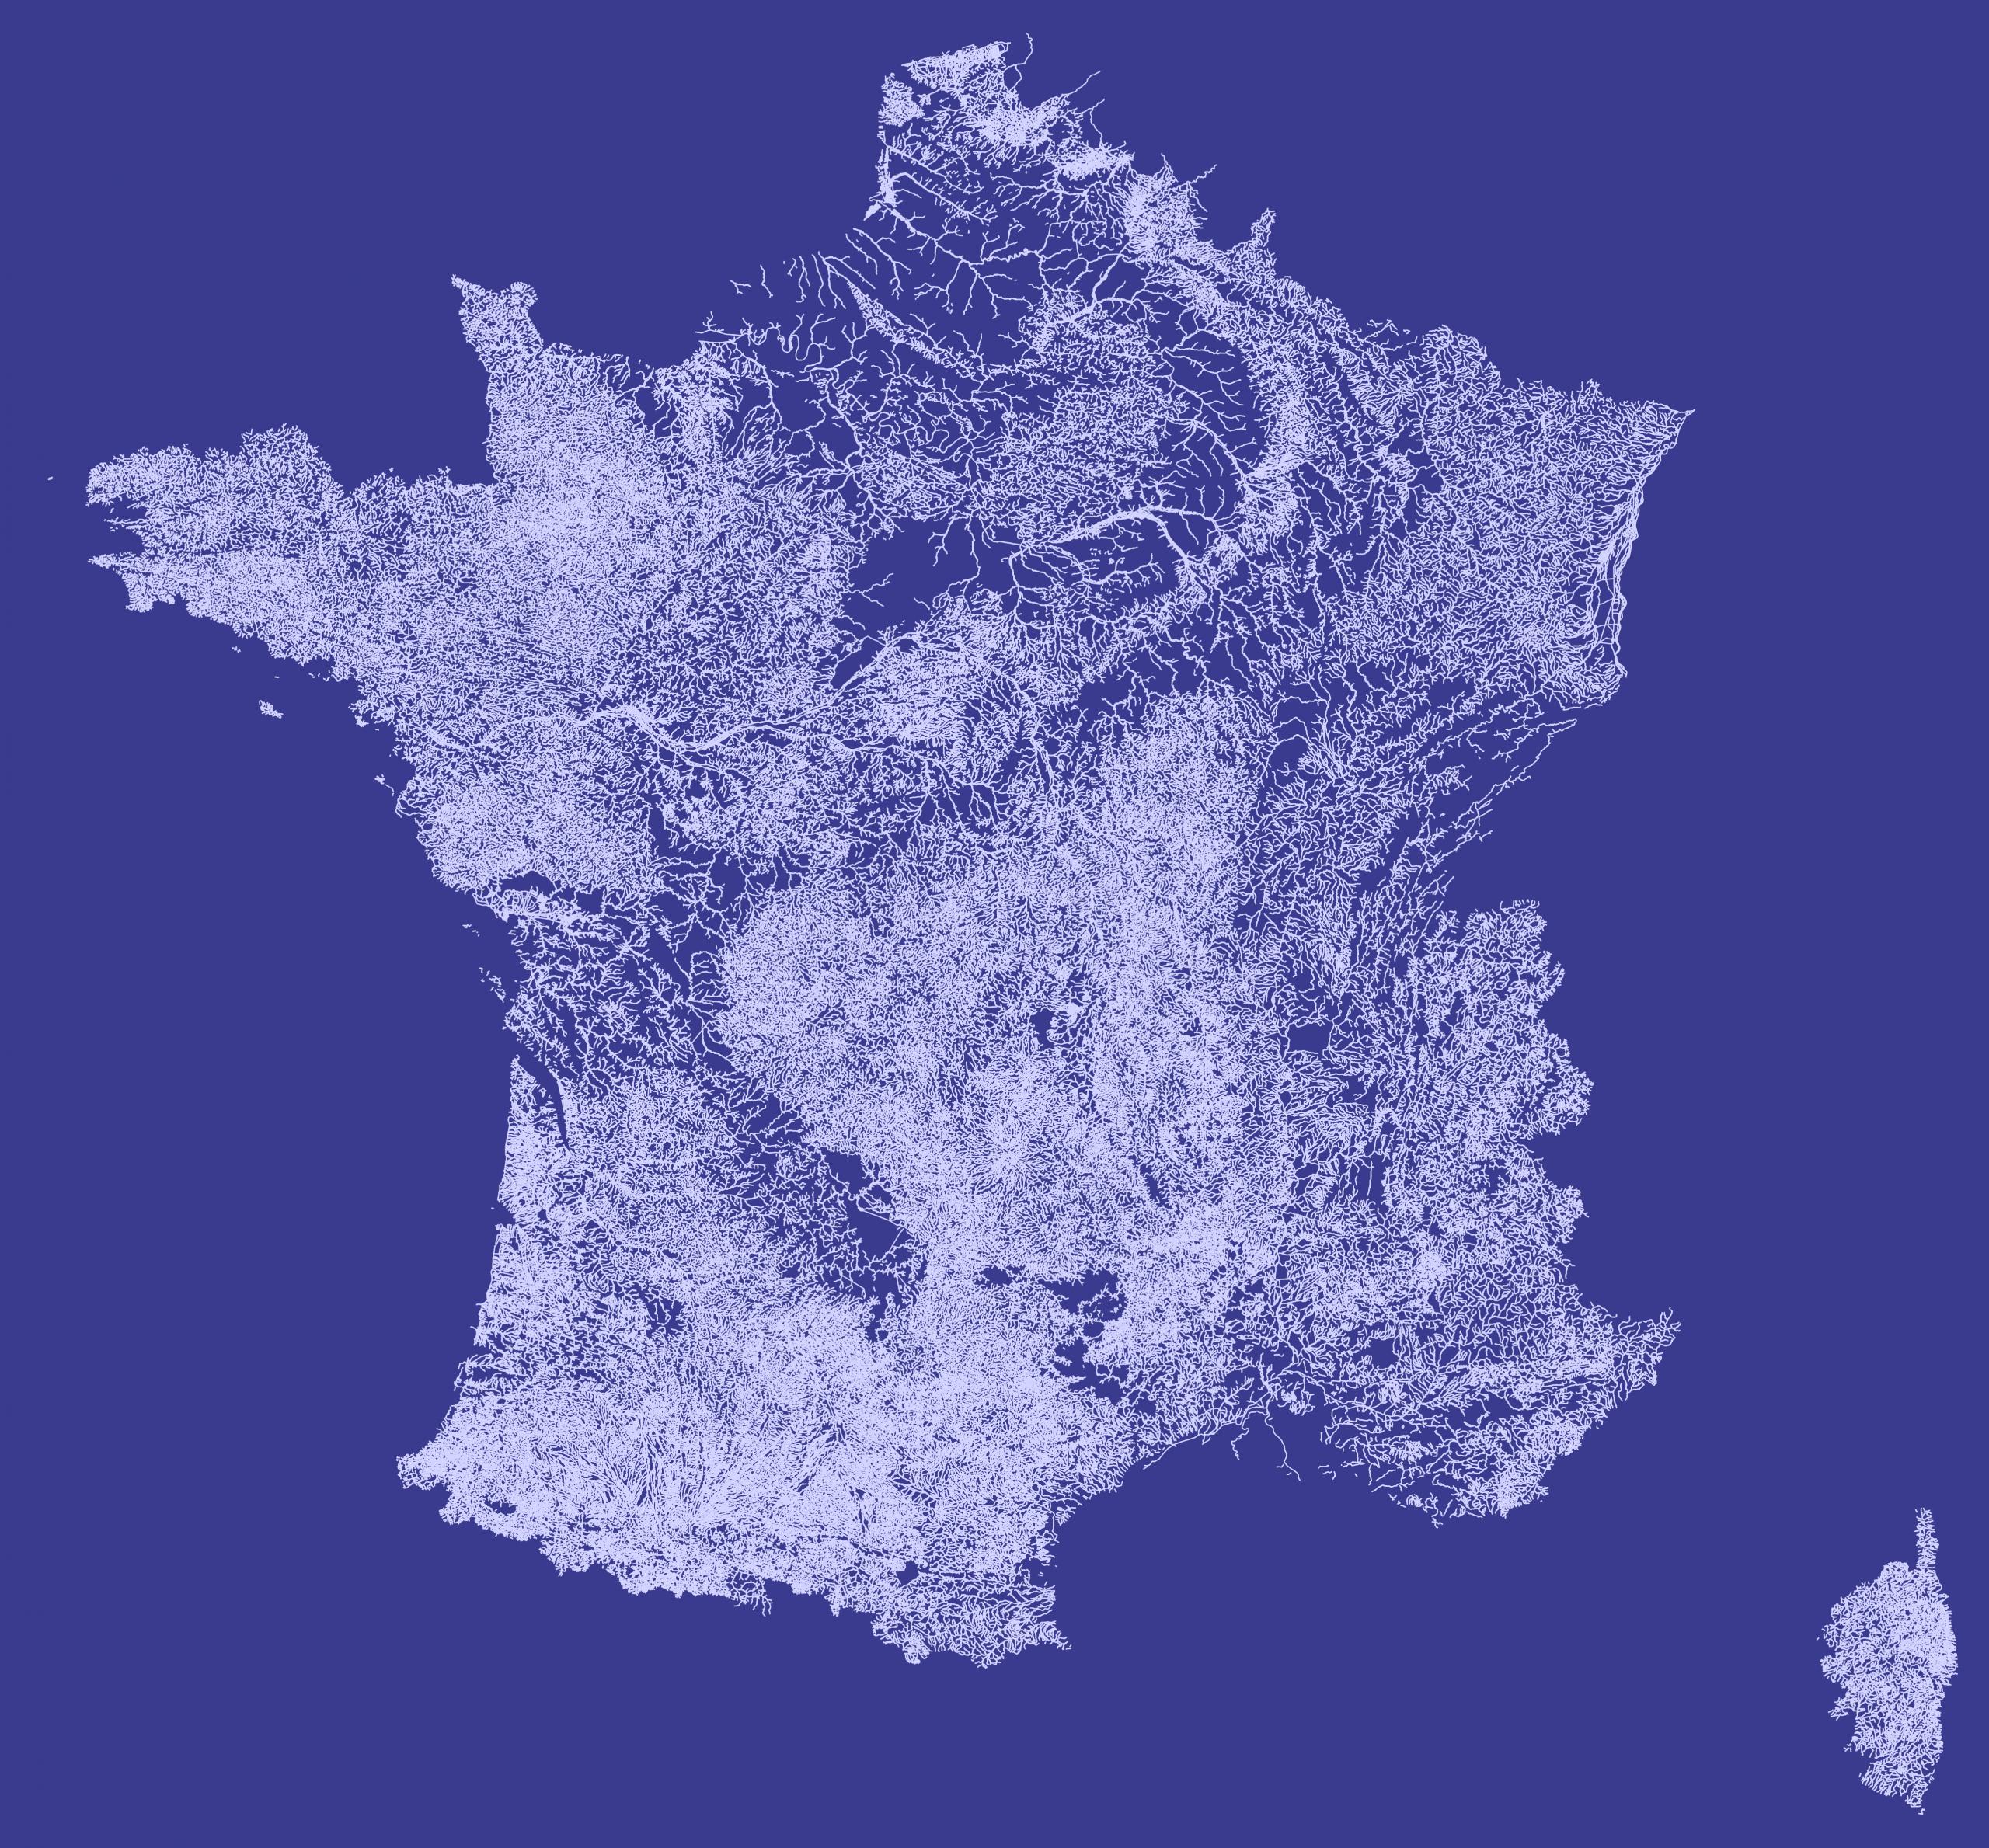 Fichier:carte France Hydrographie Cours D'eau Fond Bleu à Fond De Carte France Fleuves